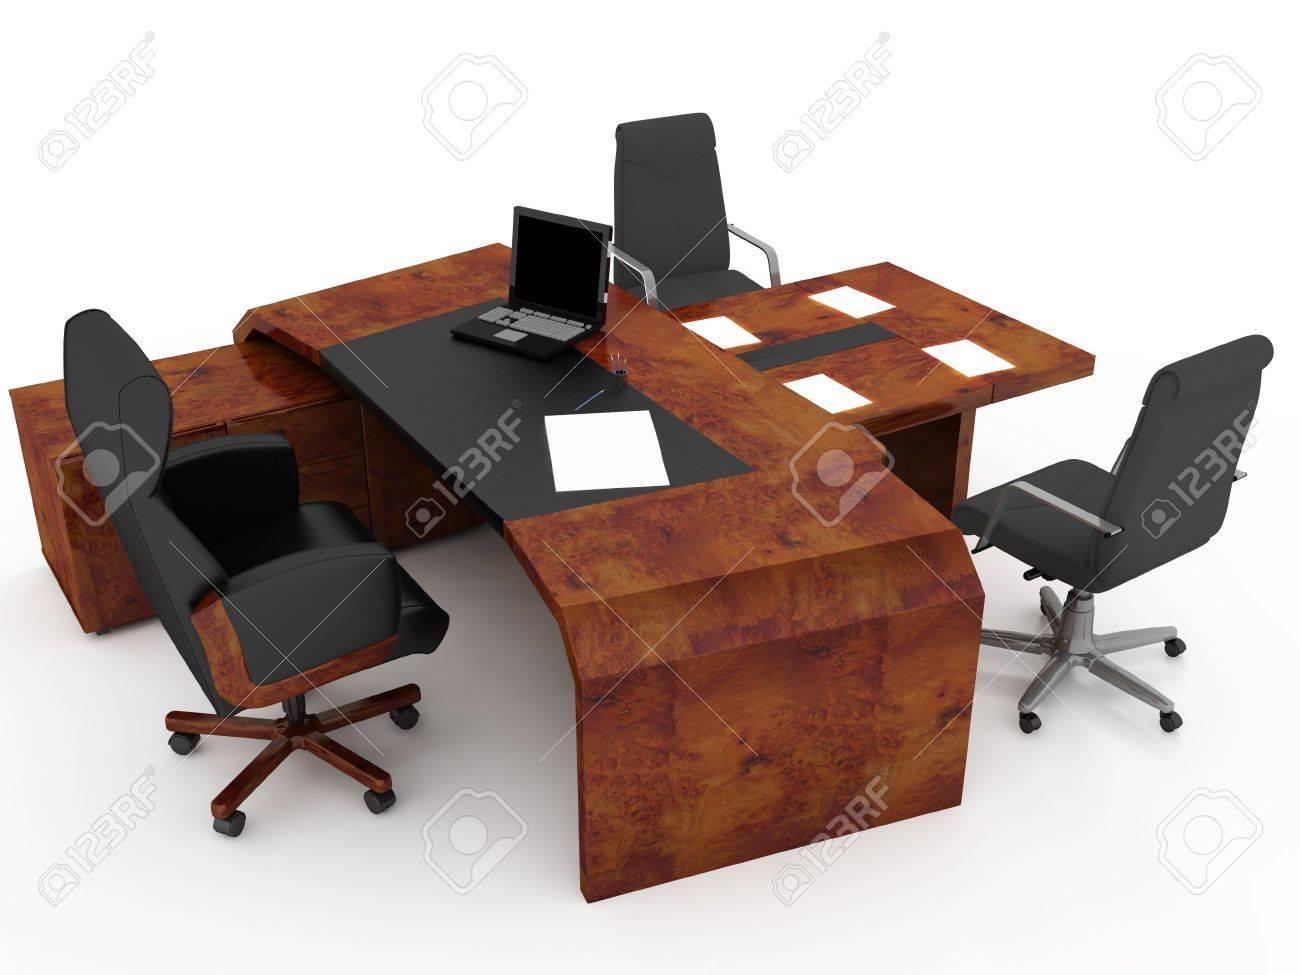 set di mobili per ufficio su uno sfondo bianco foto royalty free ... - Mobili Per Ufficio Su